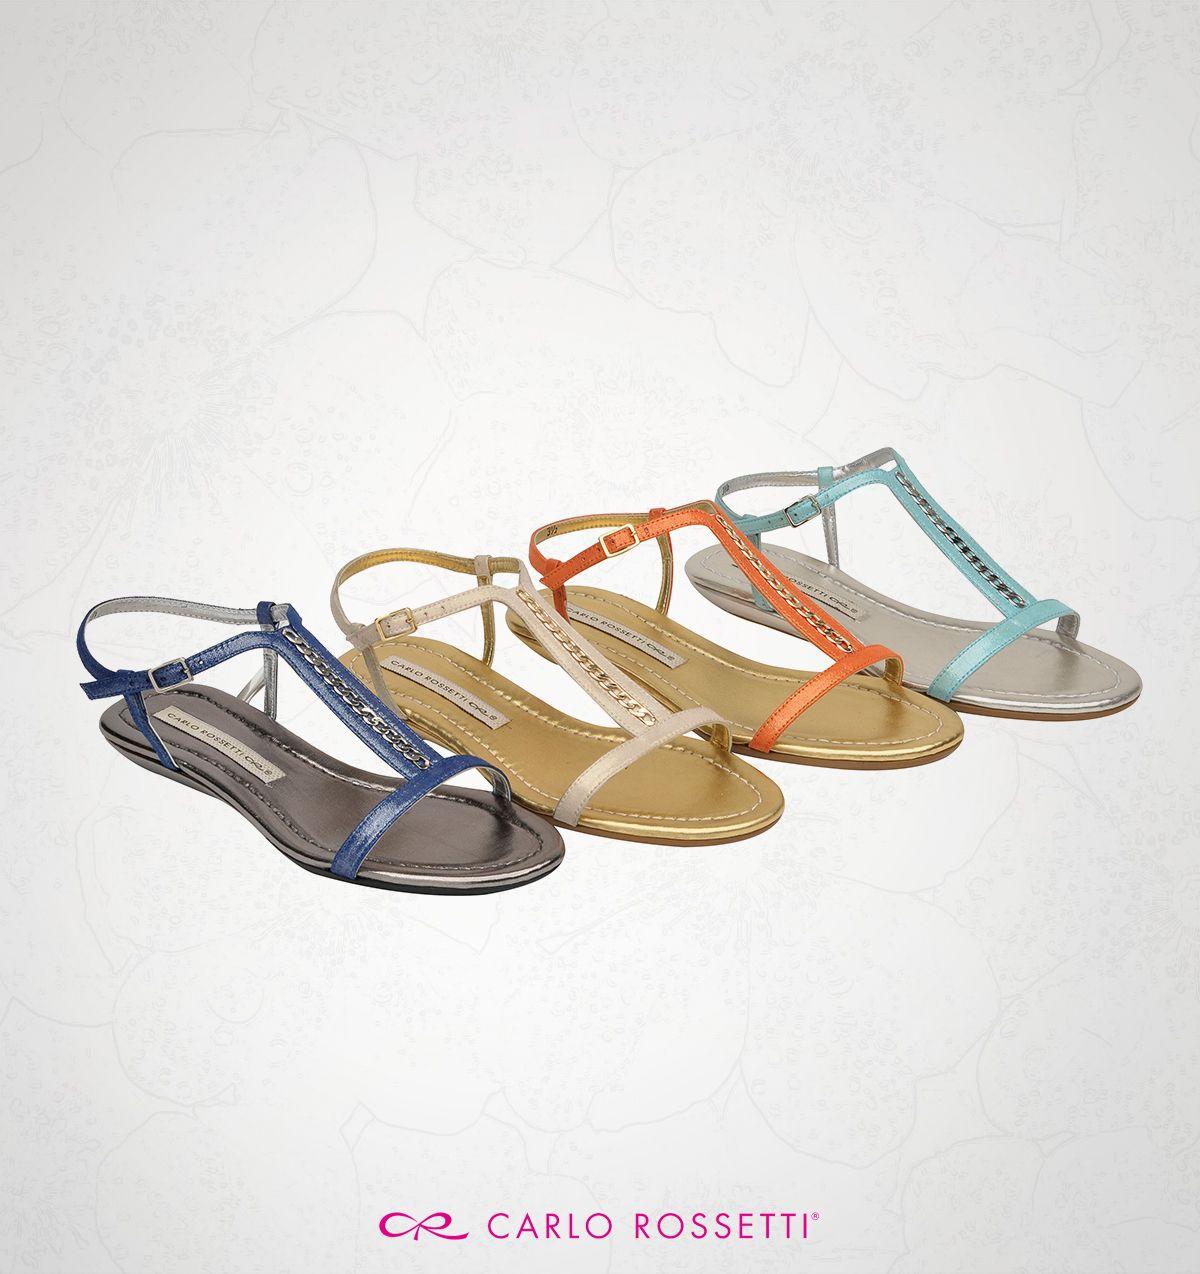 #Sandalias #CarloRossetti #ColoresVerano